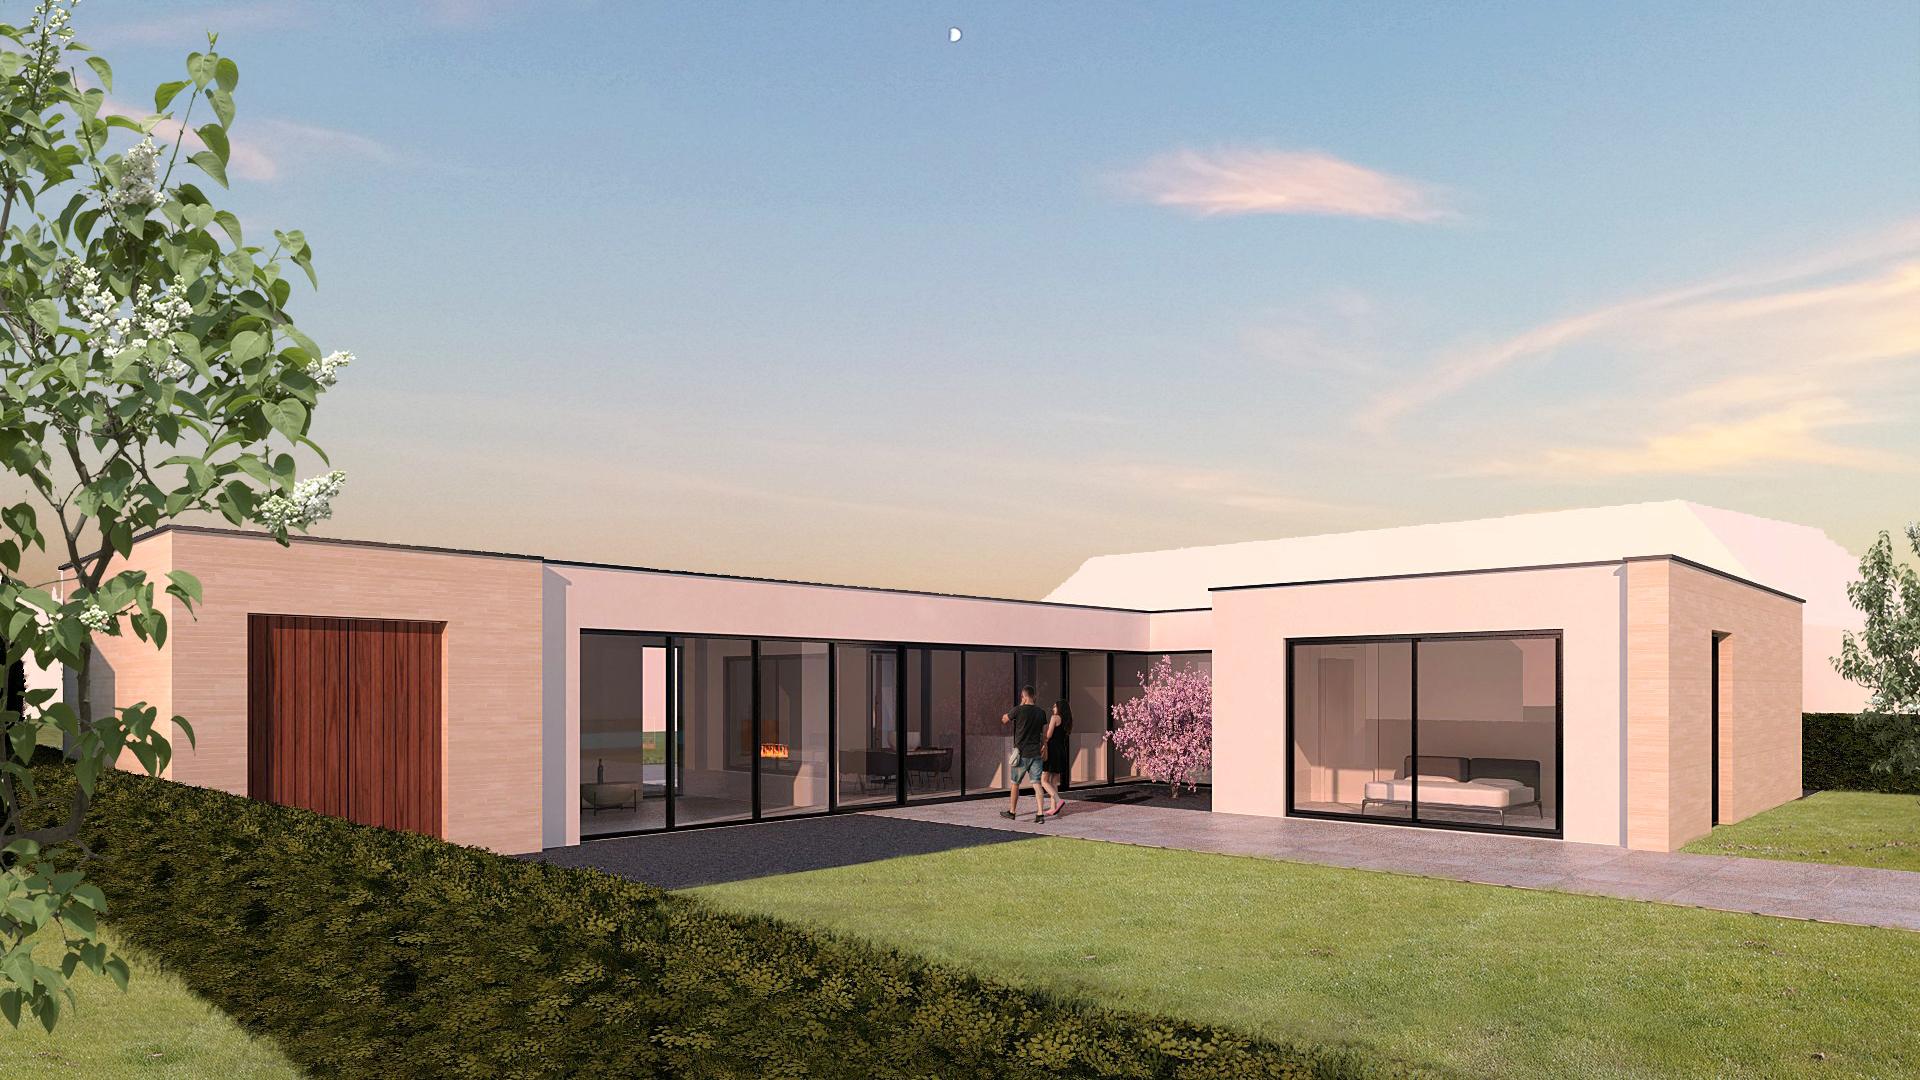 Moderne villa Nootdorp - JURY! architecture urbanism and design tuinzijde